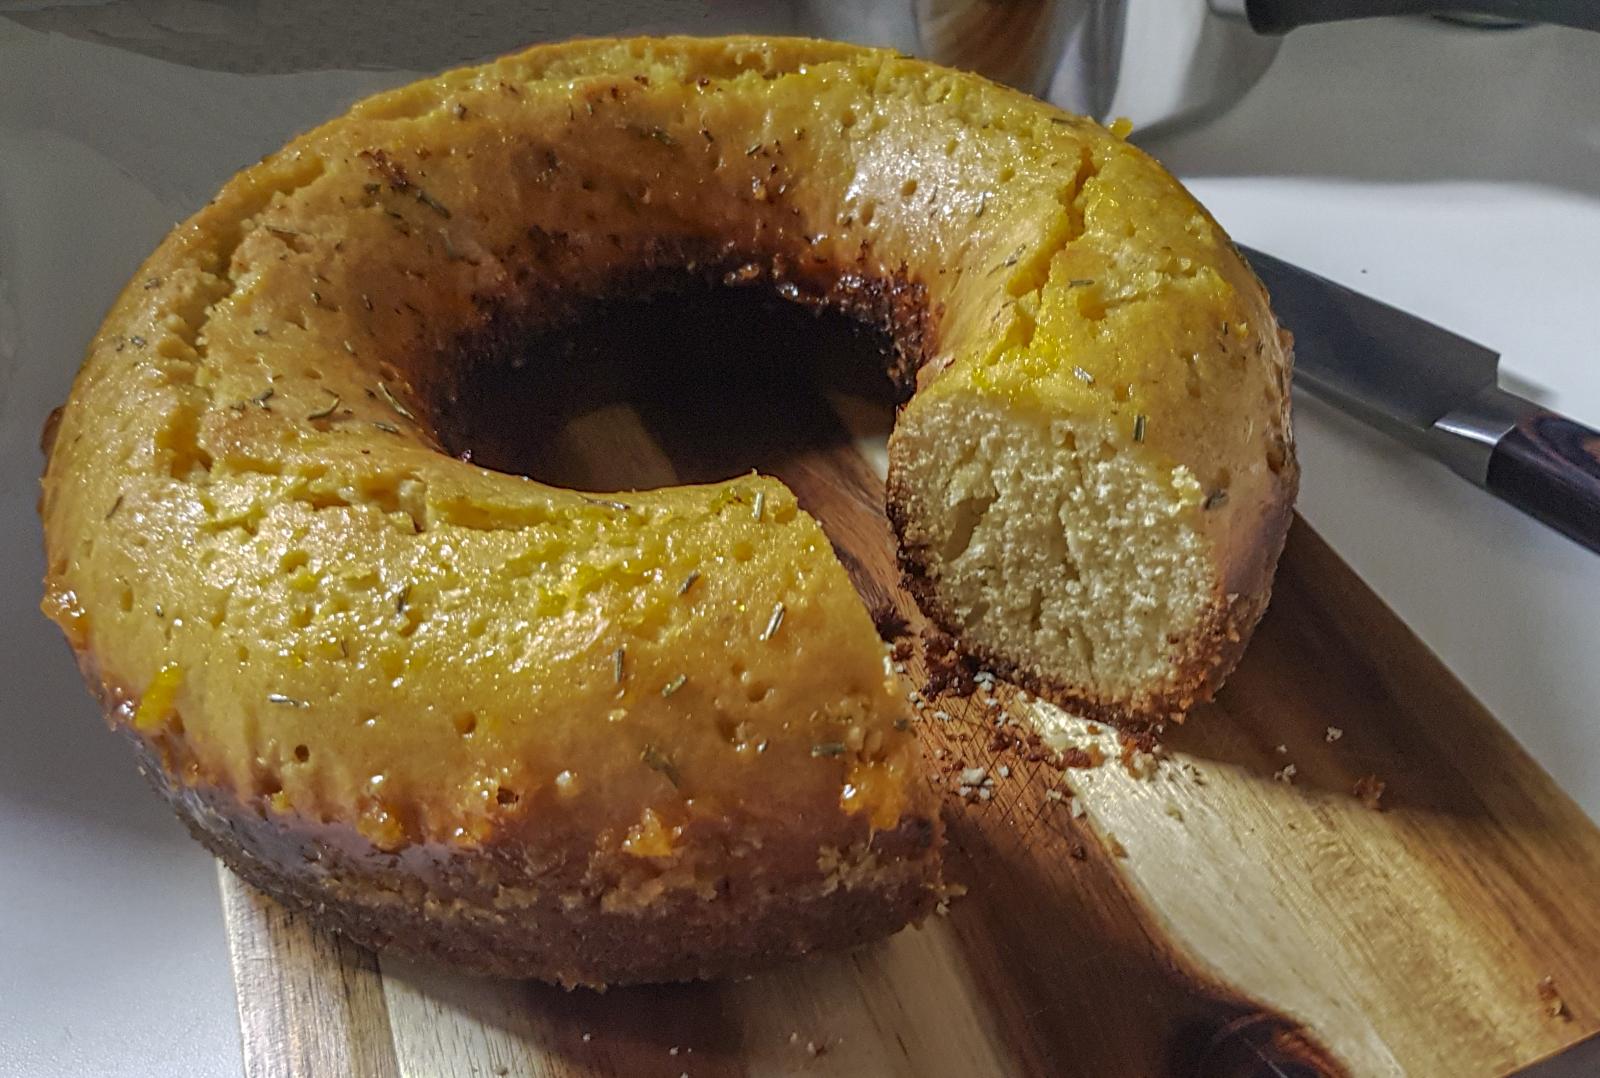 Lässt man den Kuchen mit dem Sirup einen Tag ziehen, schmeckt er erst richtig gut.